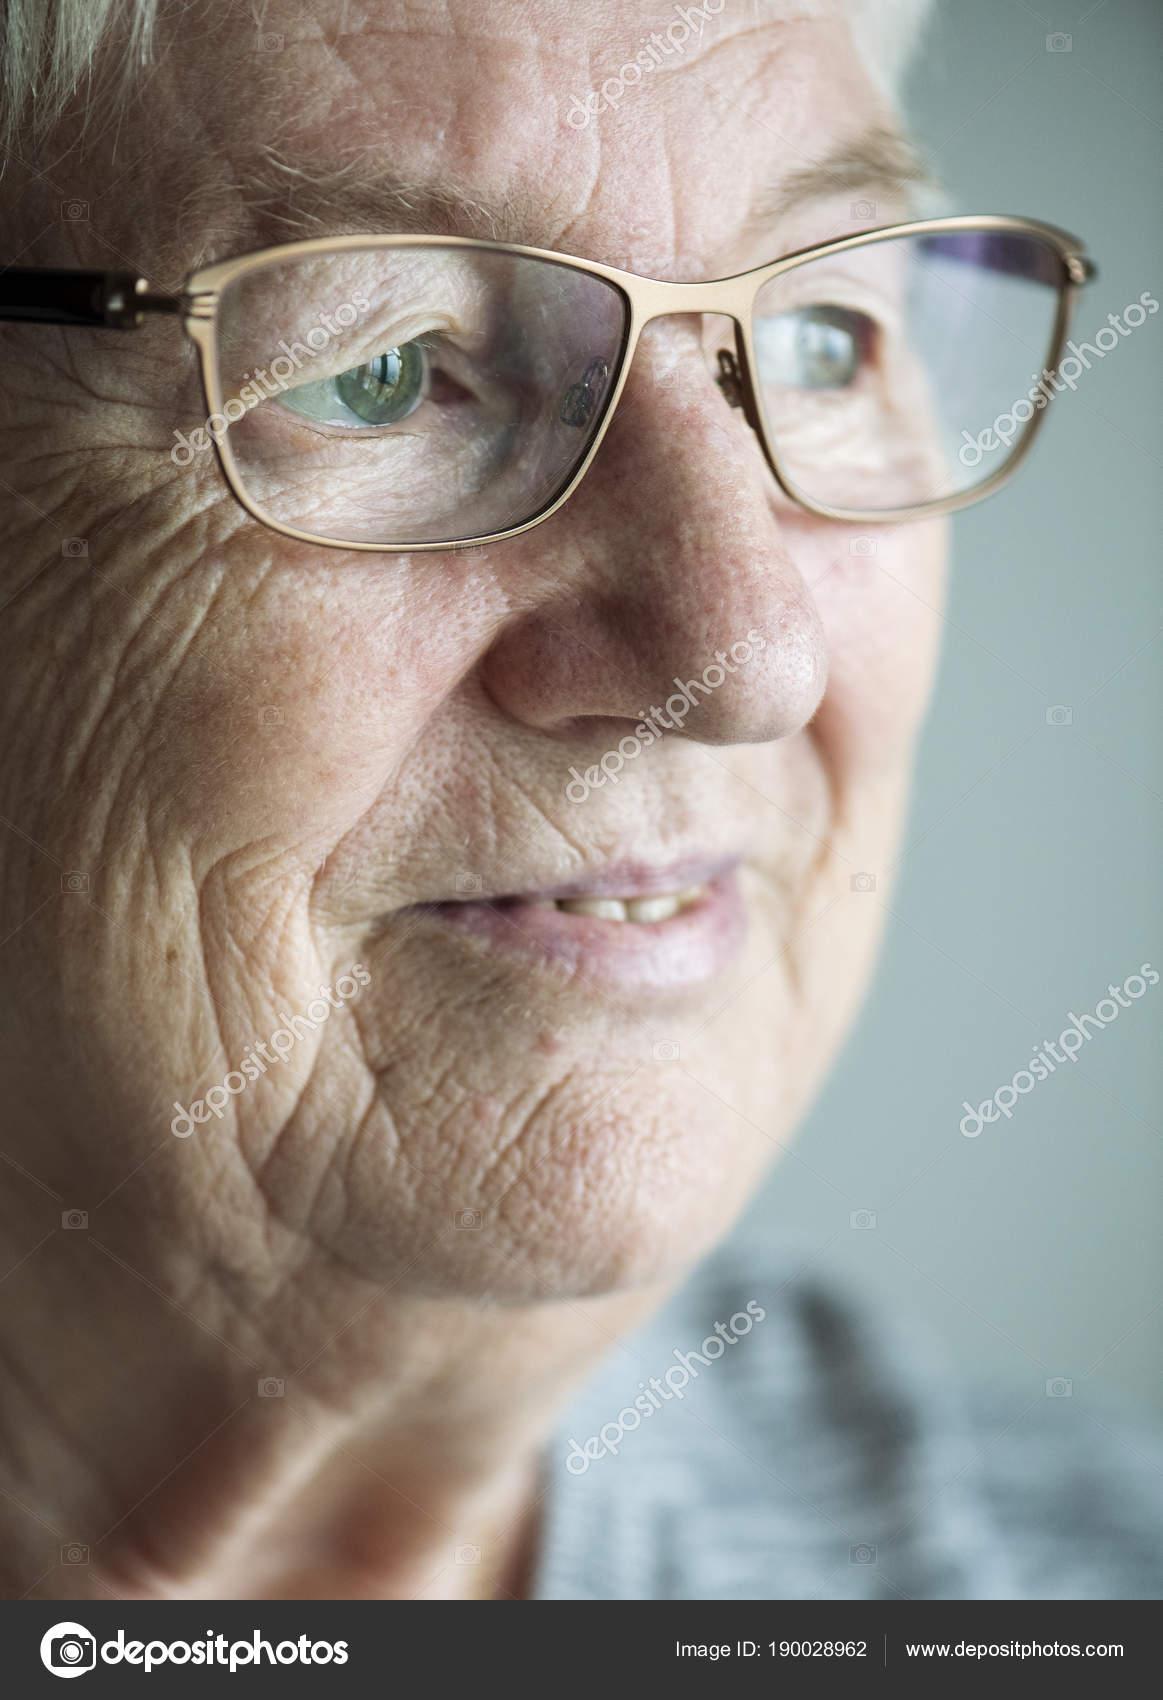 fb6a321b7b Fehér Idős Asszony Portréja — Stock Fotó © Rawpixel #190028962